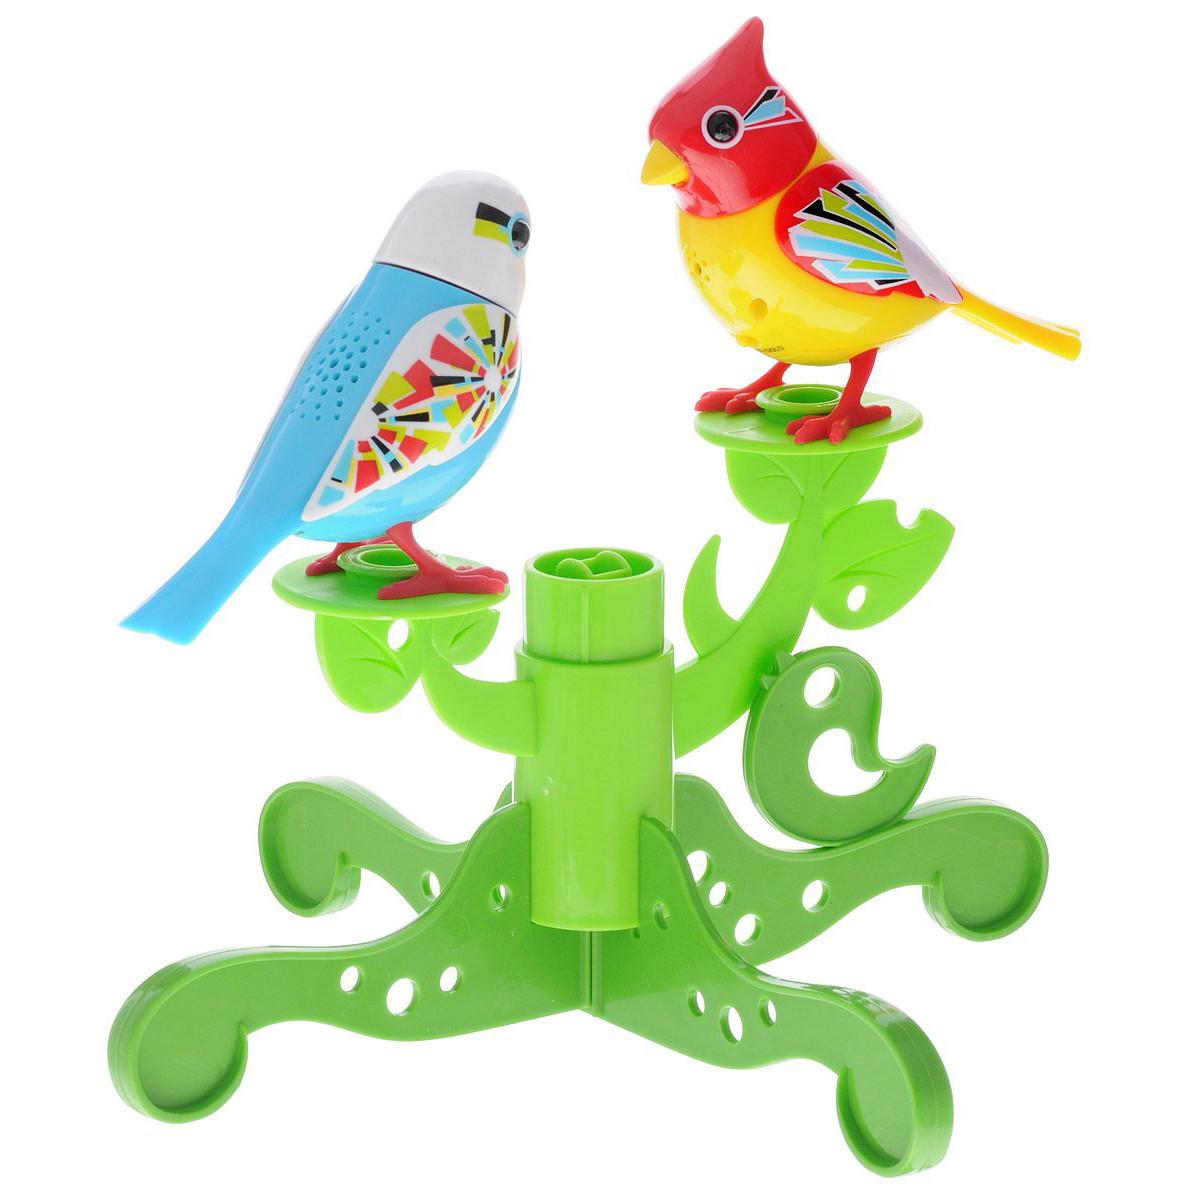 Две птички с деревом, голубая с белой головой и желтая с красной головой 88237-2